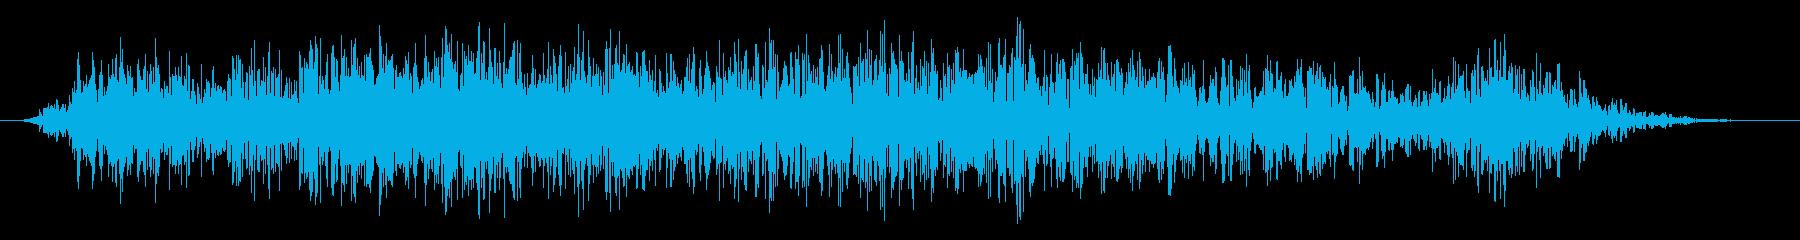 中世 ゲートストーンラージオープン01の再生済みの波形